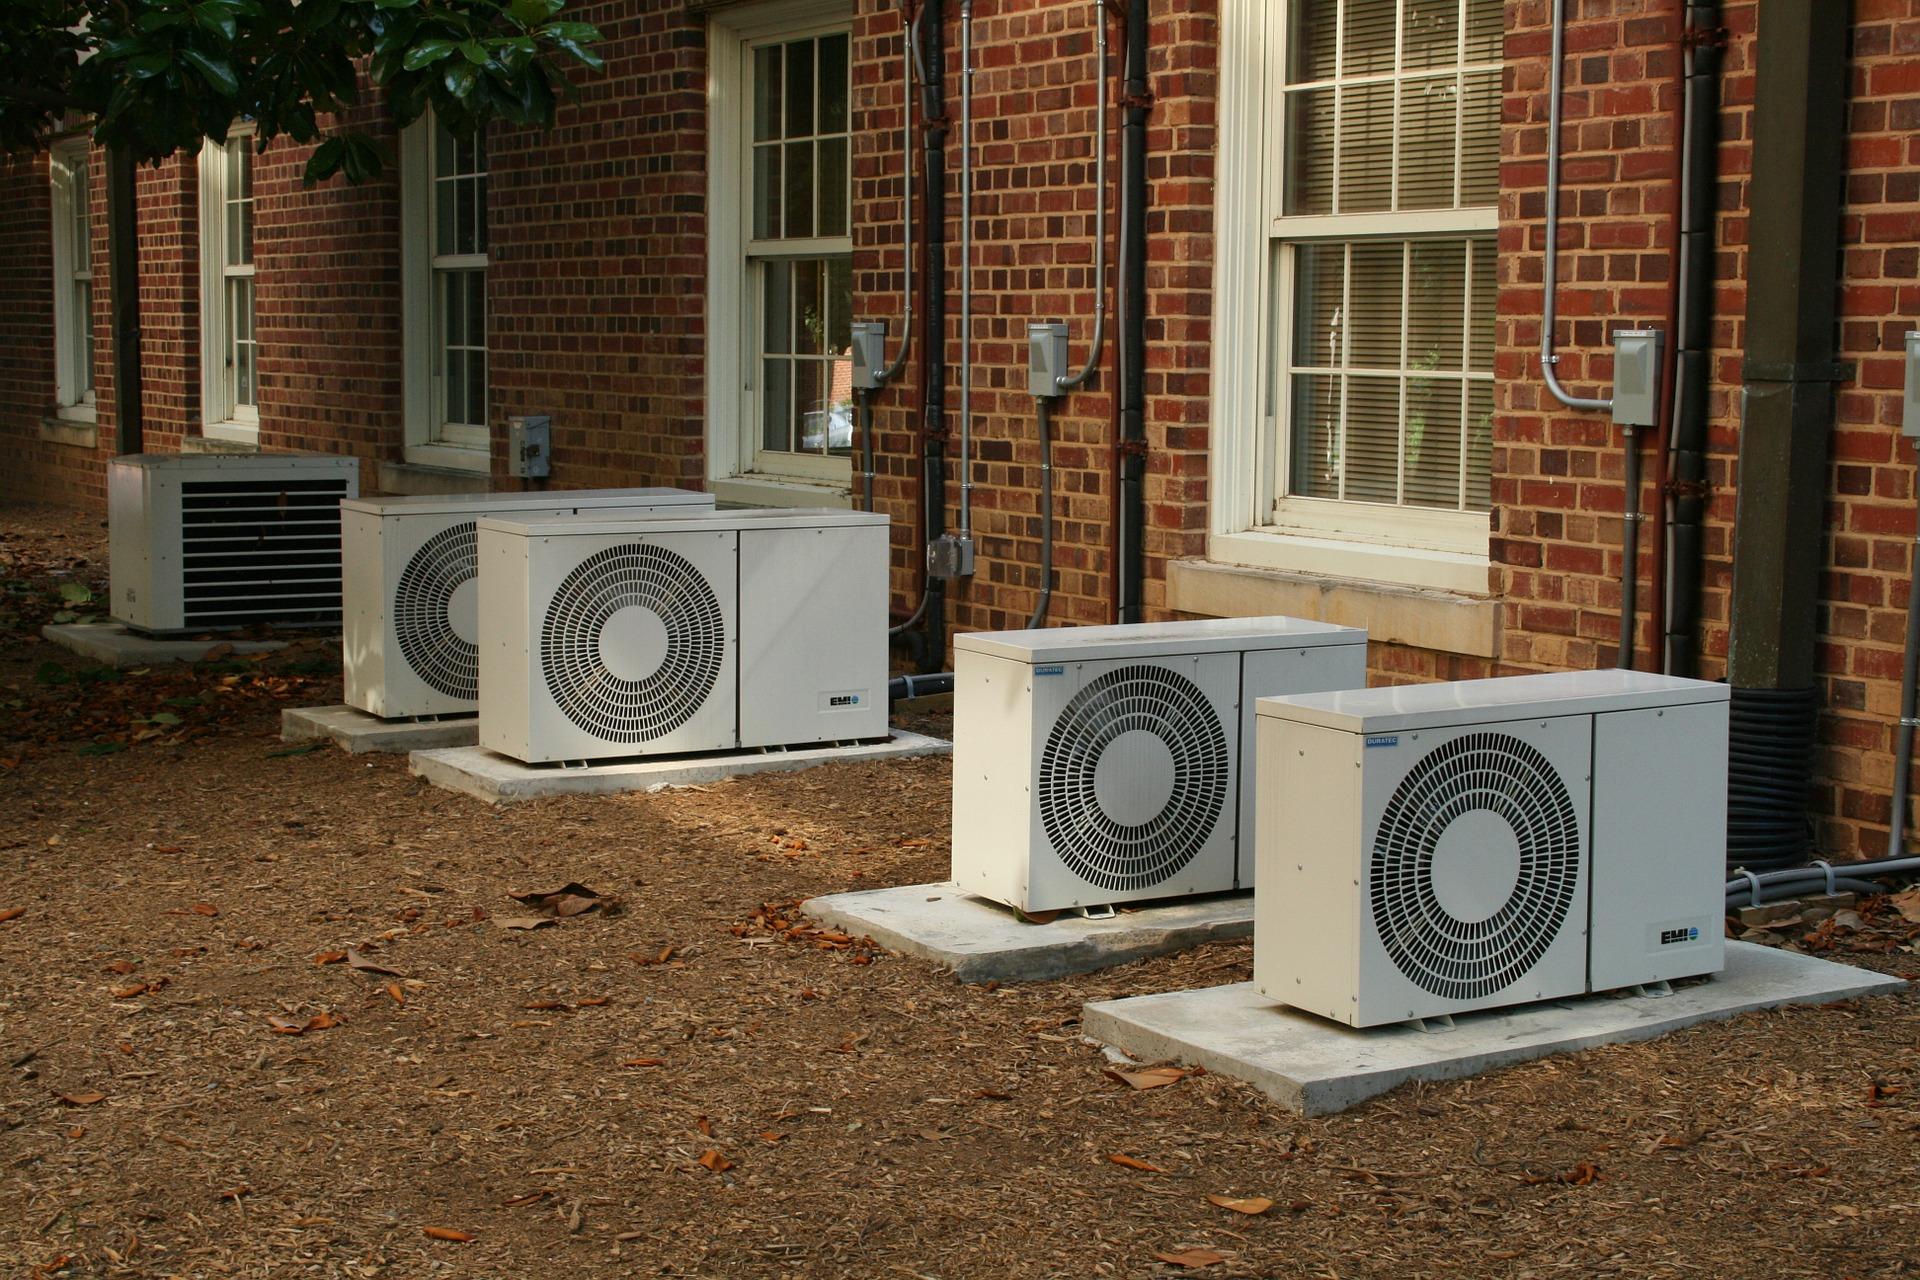 Aprende los trucos para saber si hay que recargar el aire acondicionado de casa